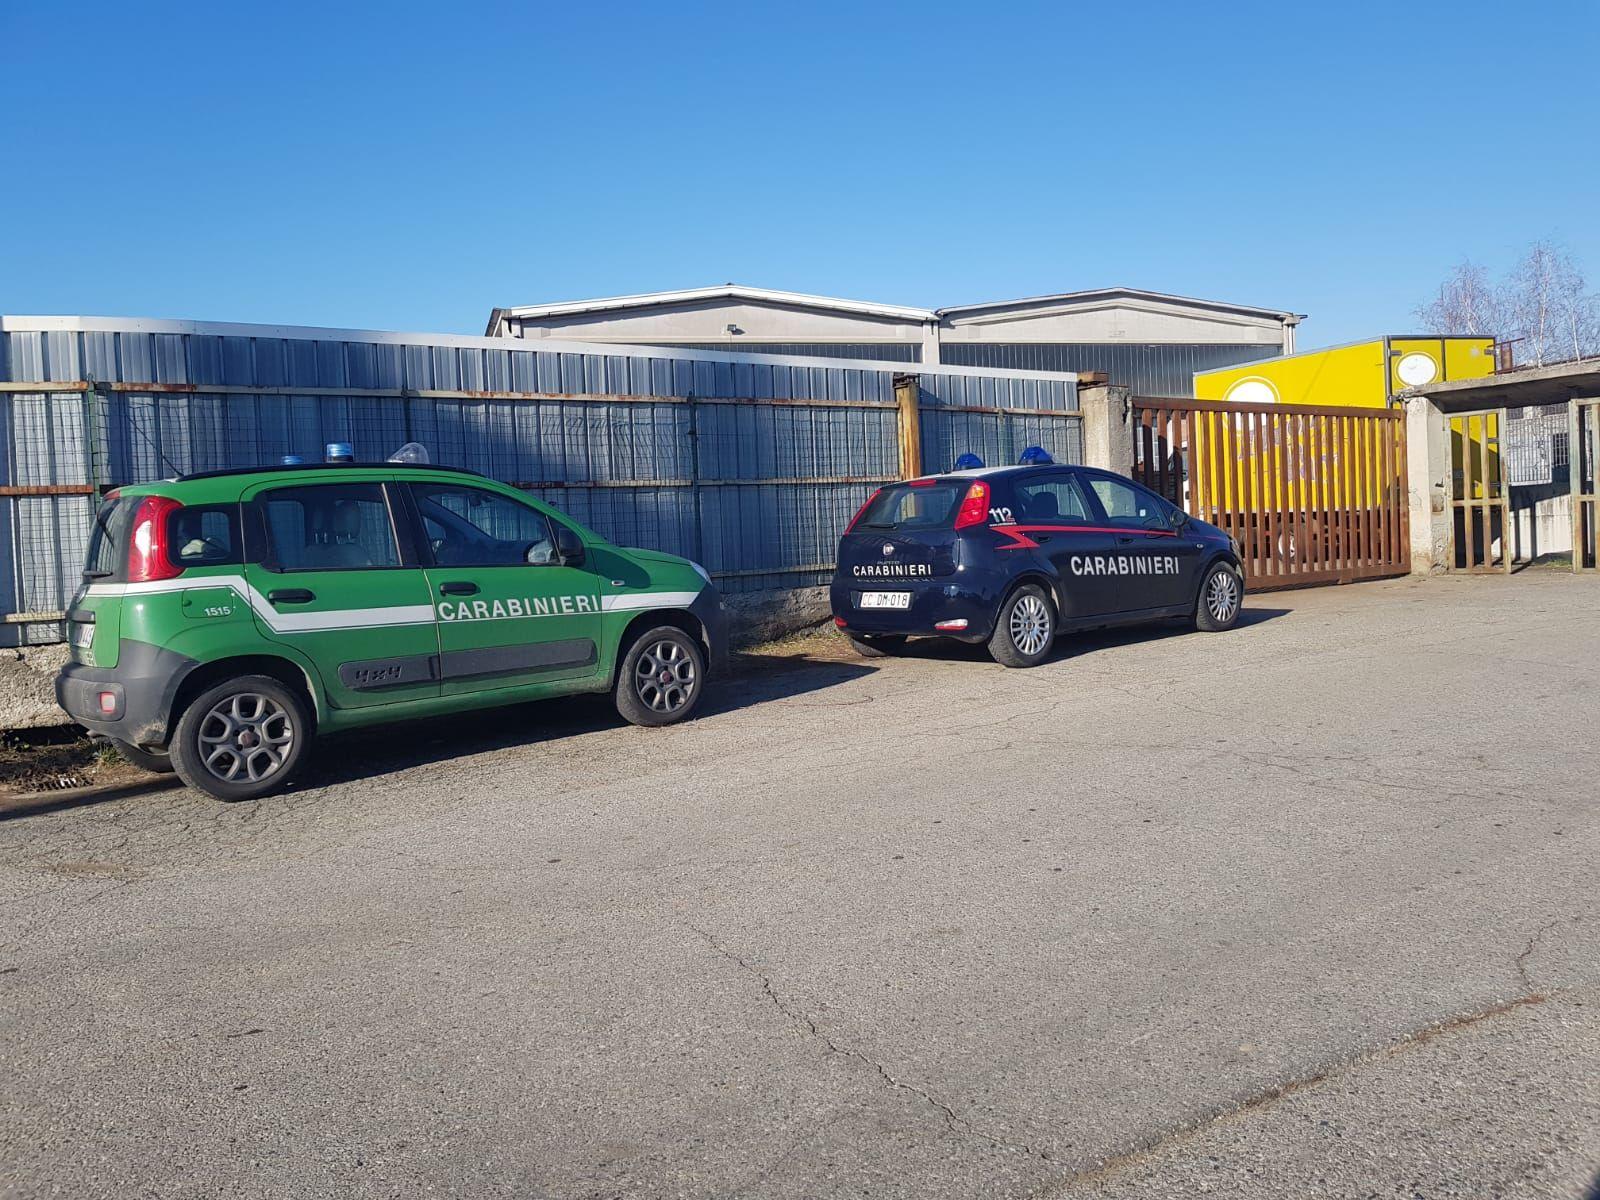 OGLIANICO - Azienda senza autorizzazioni: blitz dei carabinieri. Capannone sotto sequestro e maxi multa